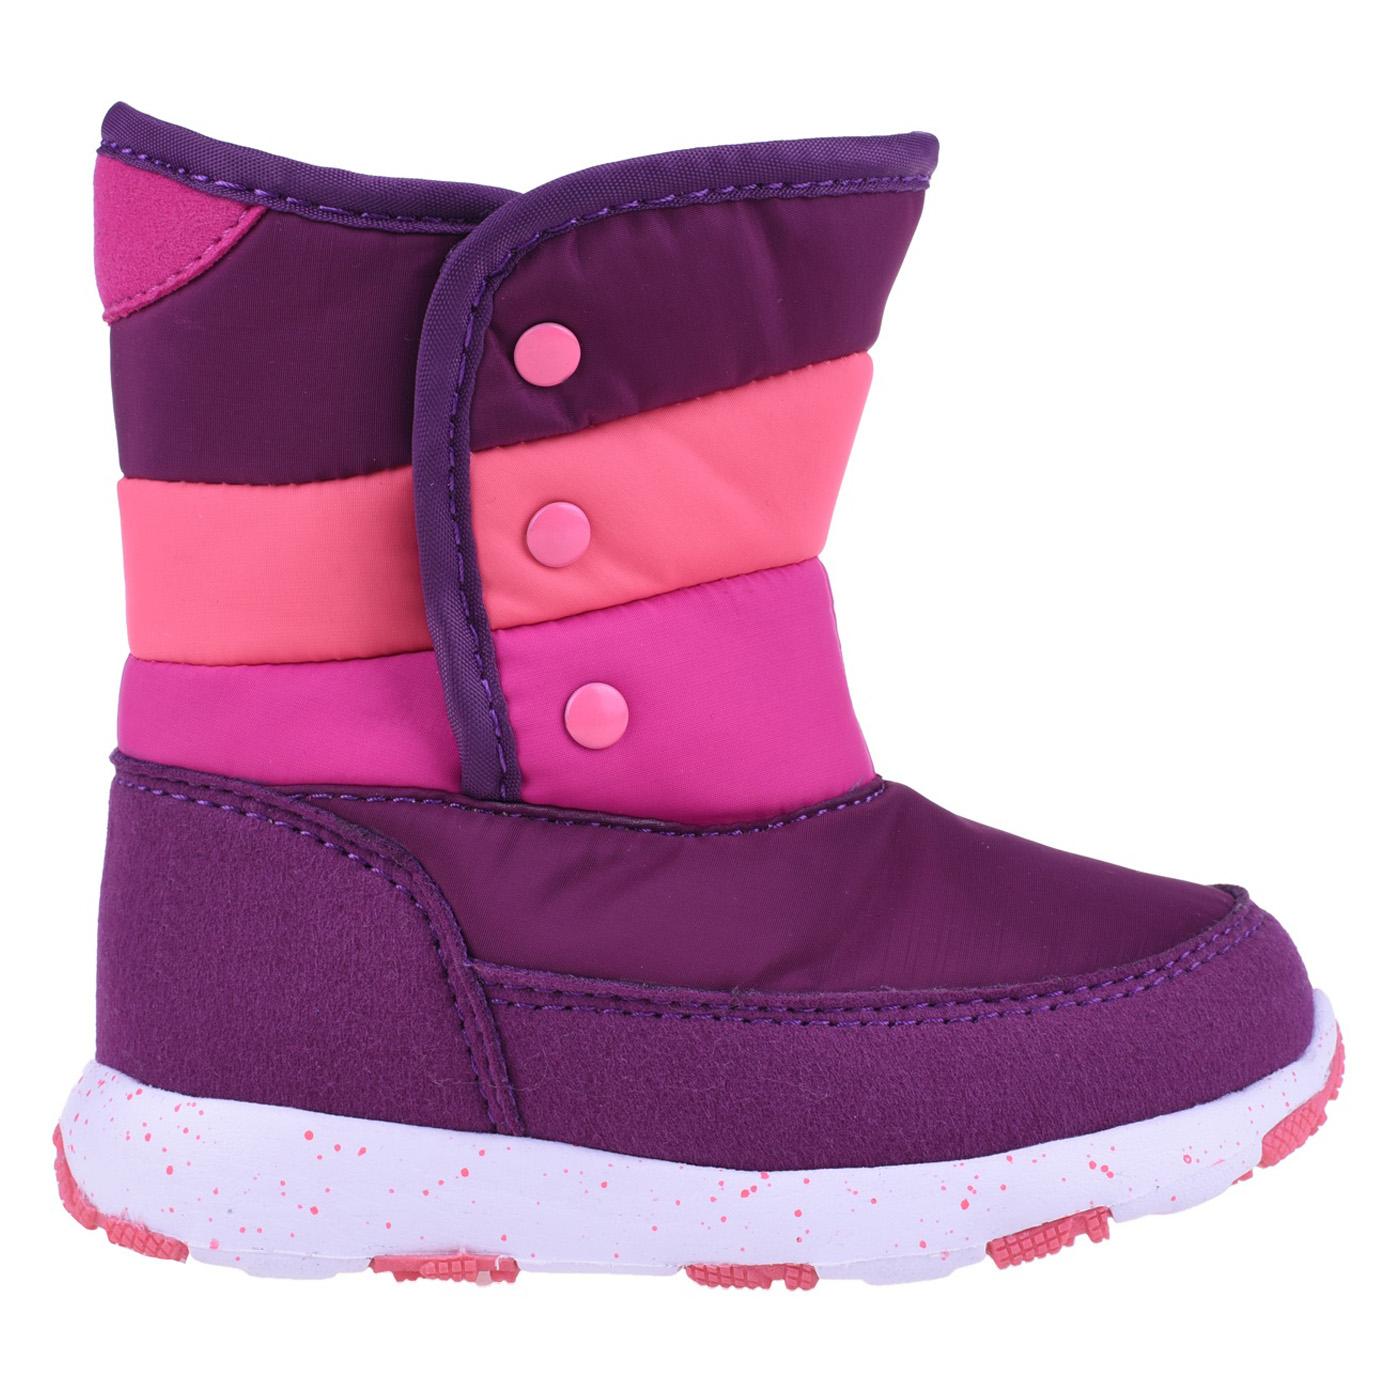 Martes Sport Buty zimowe firmy BEjO rozm. 24-28